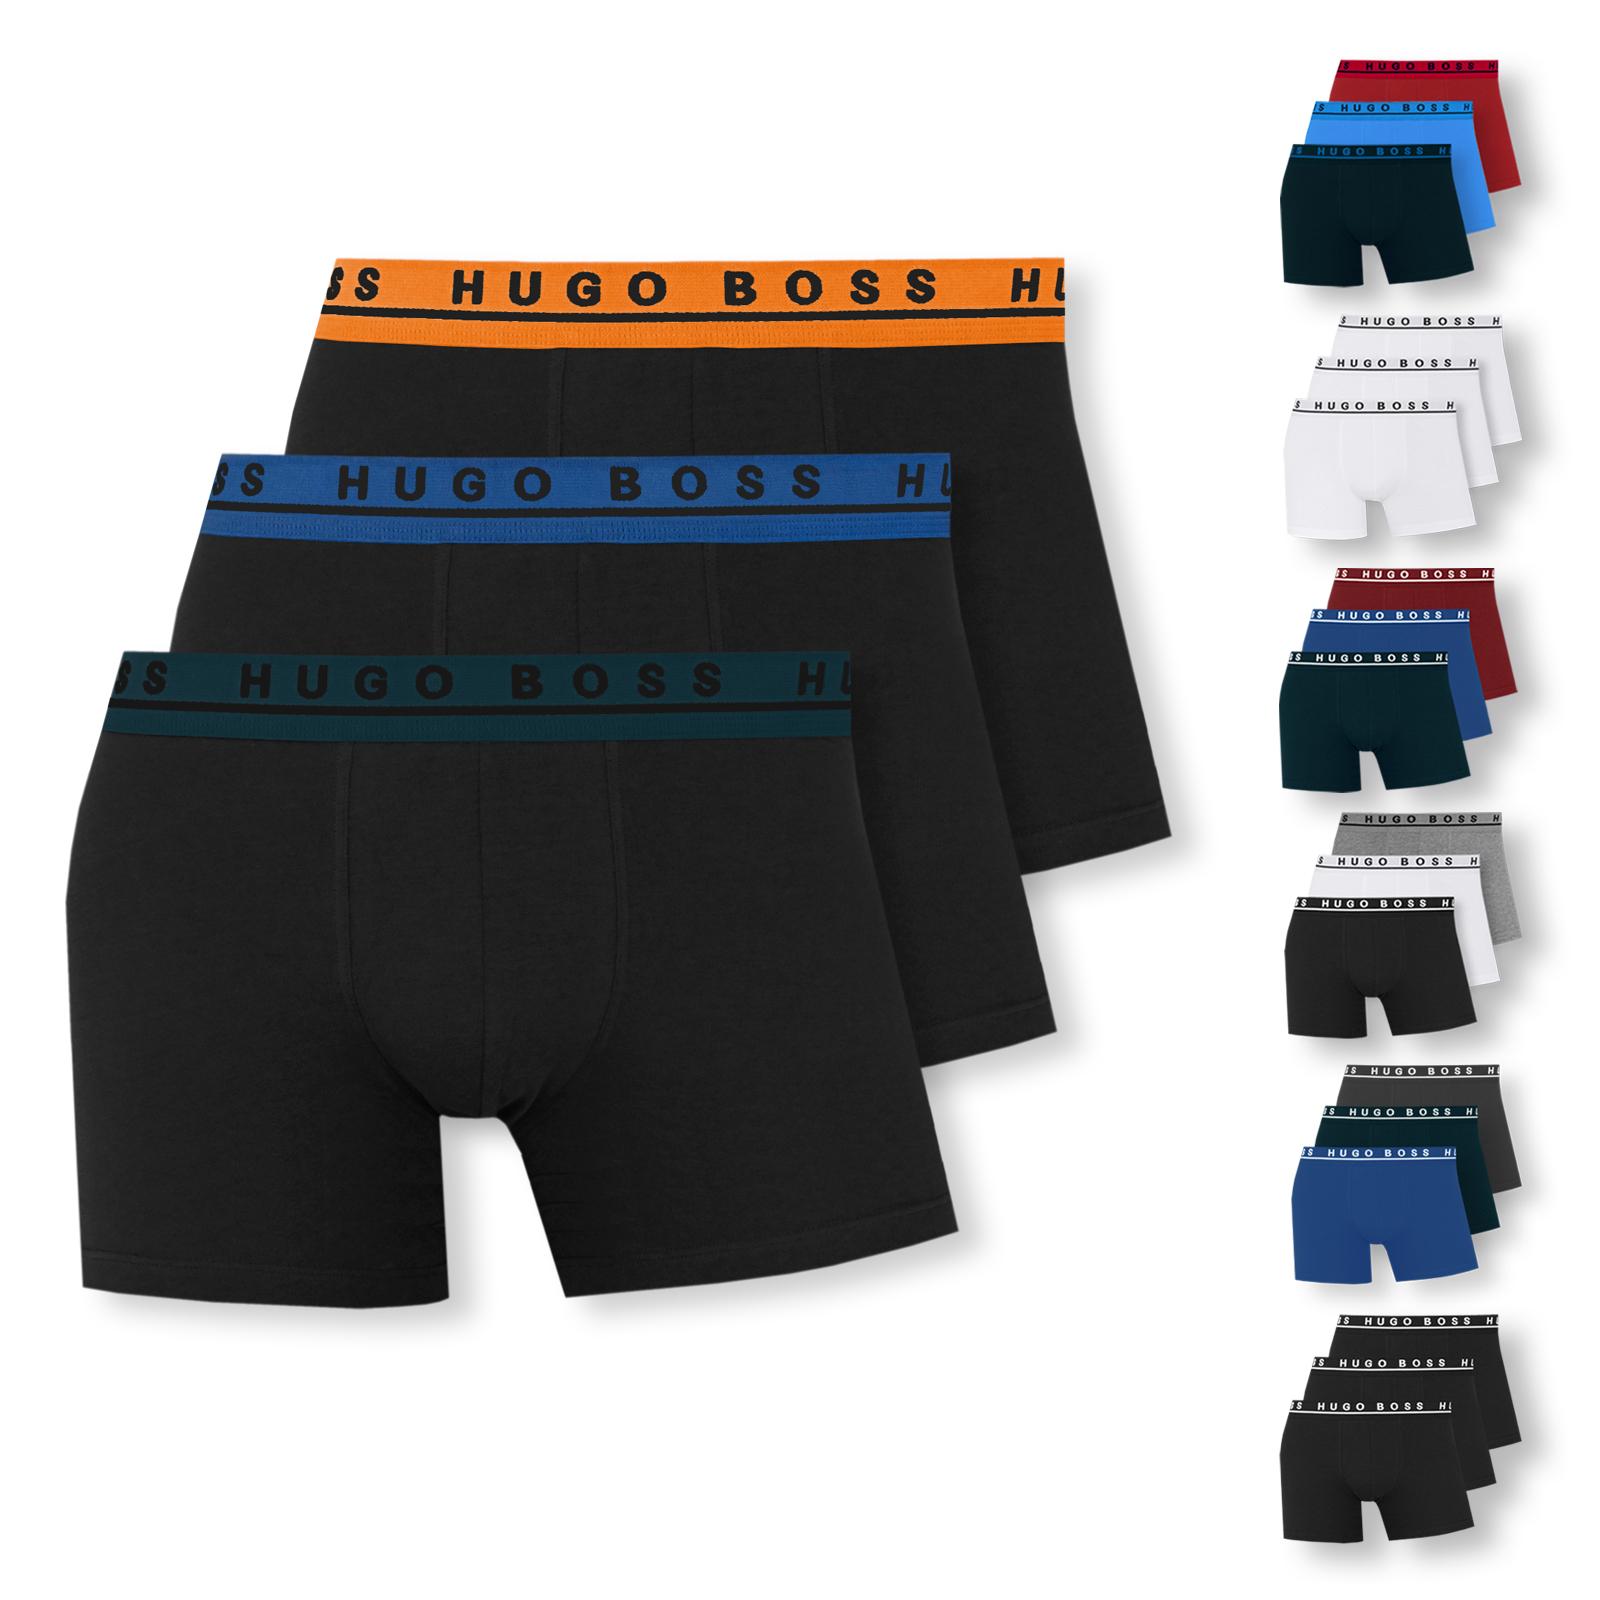 3er oder 6er Pack Hugo Boss Herren Boxer Boxershorts long S M L XL XXL in open blue